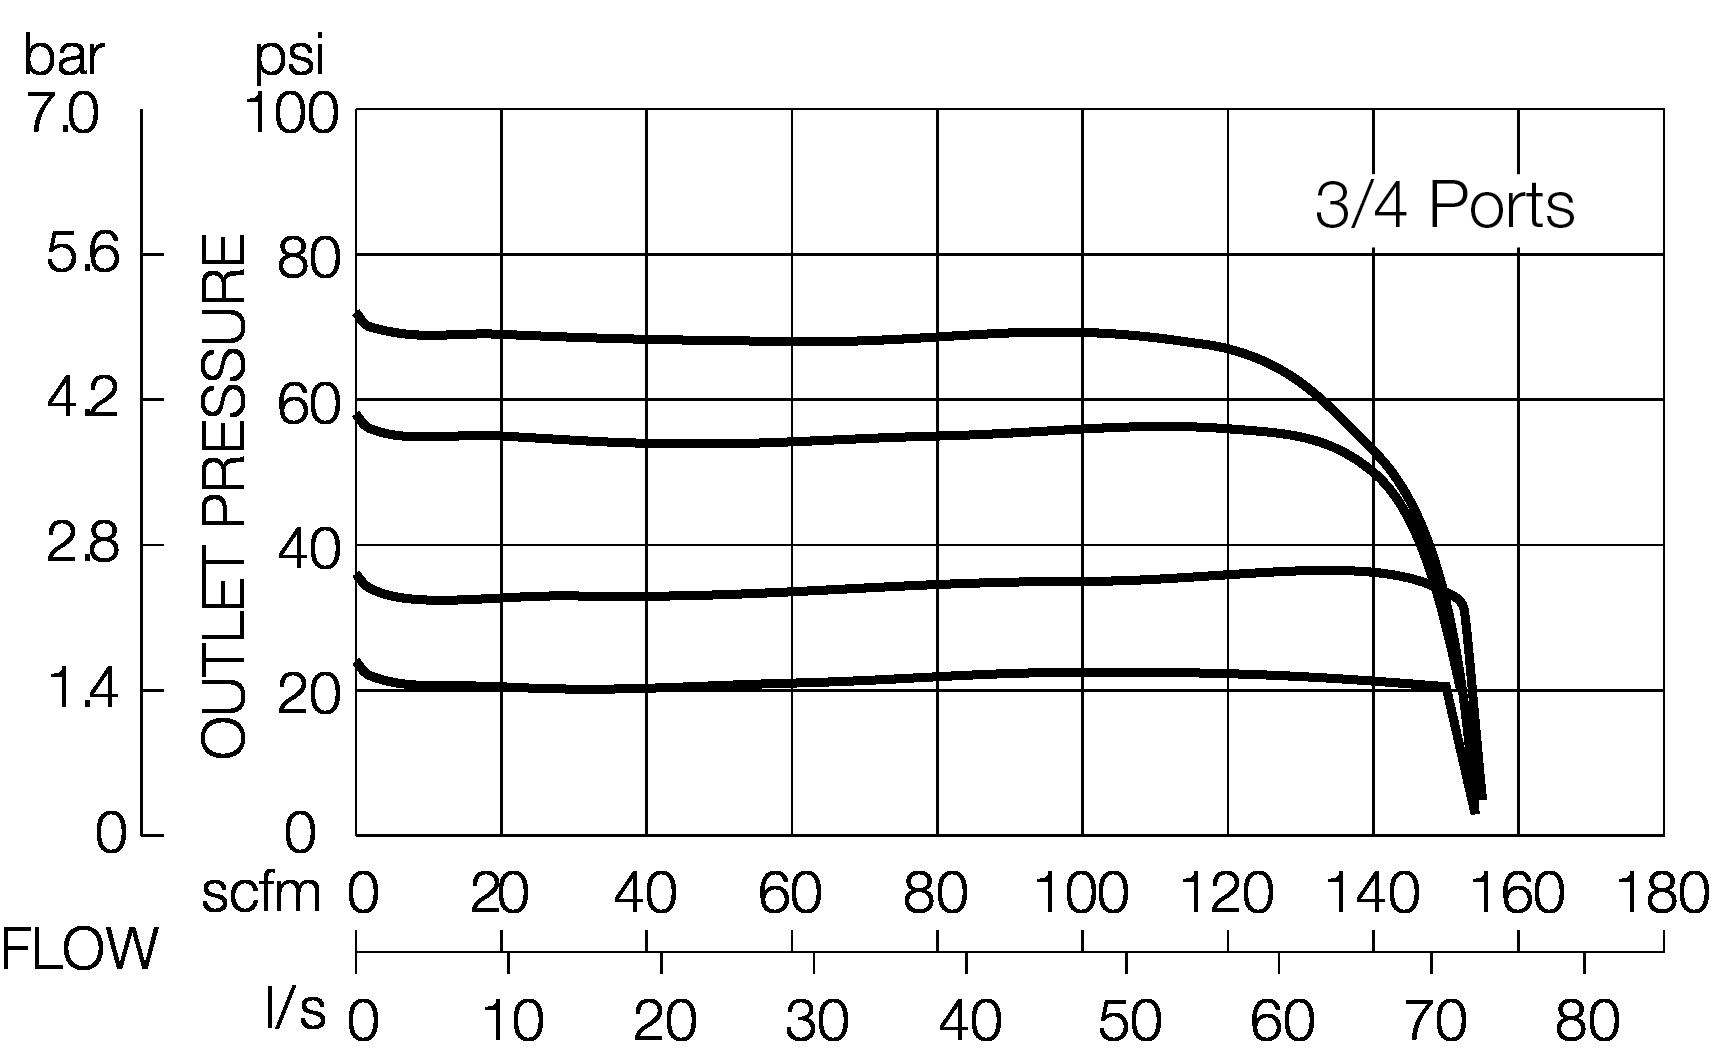 INLET PRESSURE 91 PSIG (6.3 BAR)